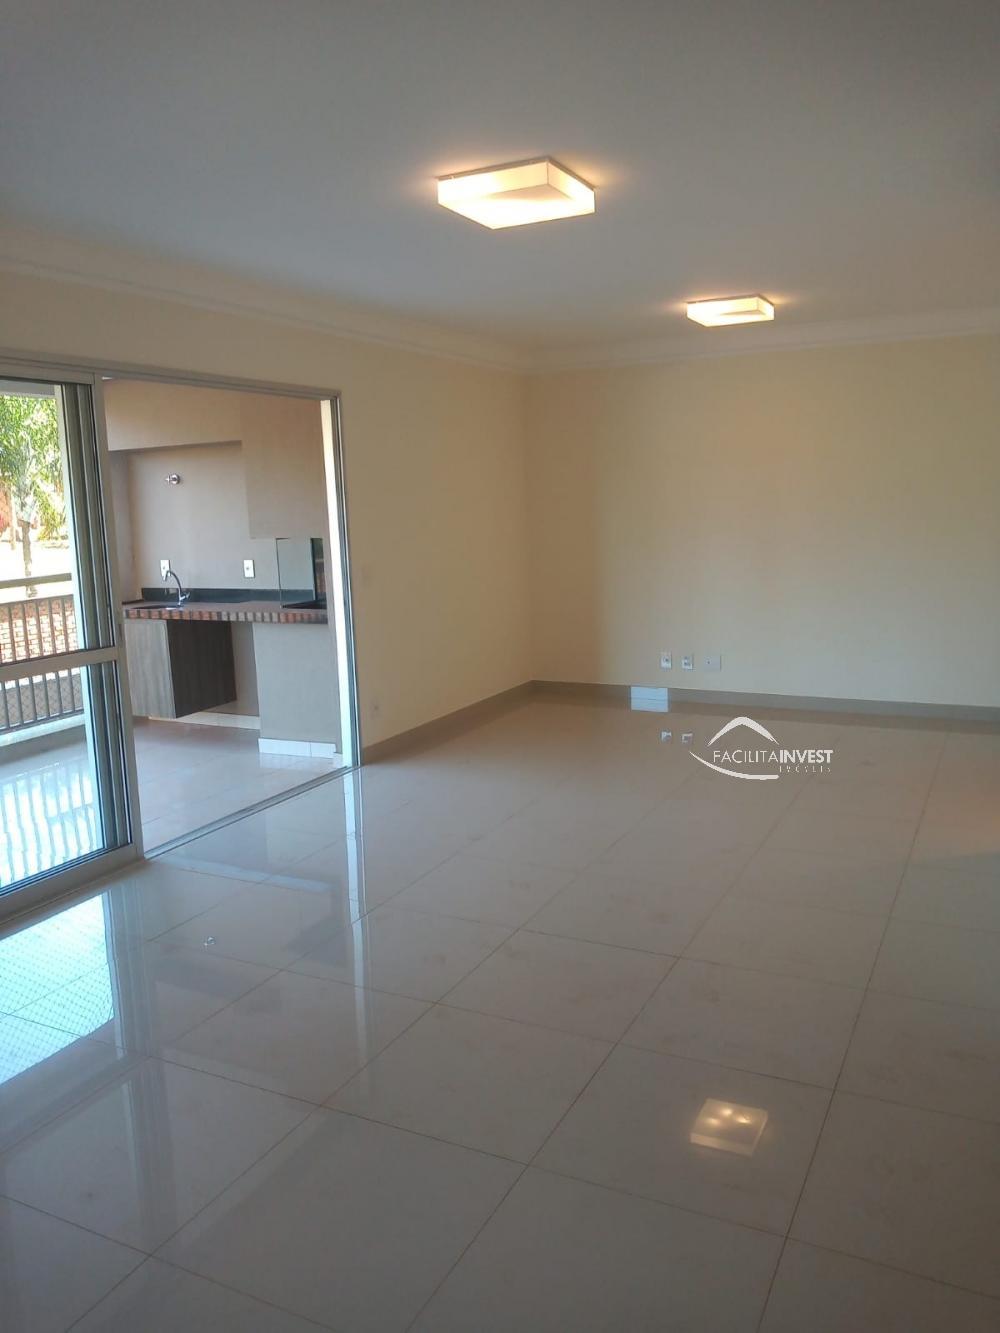 Alugar Apartamentos / Apart. Padrão em Ribeirão Preto R$ 3.500,00 - Foto 1